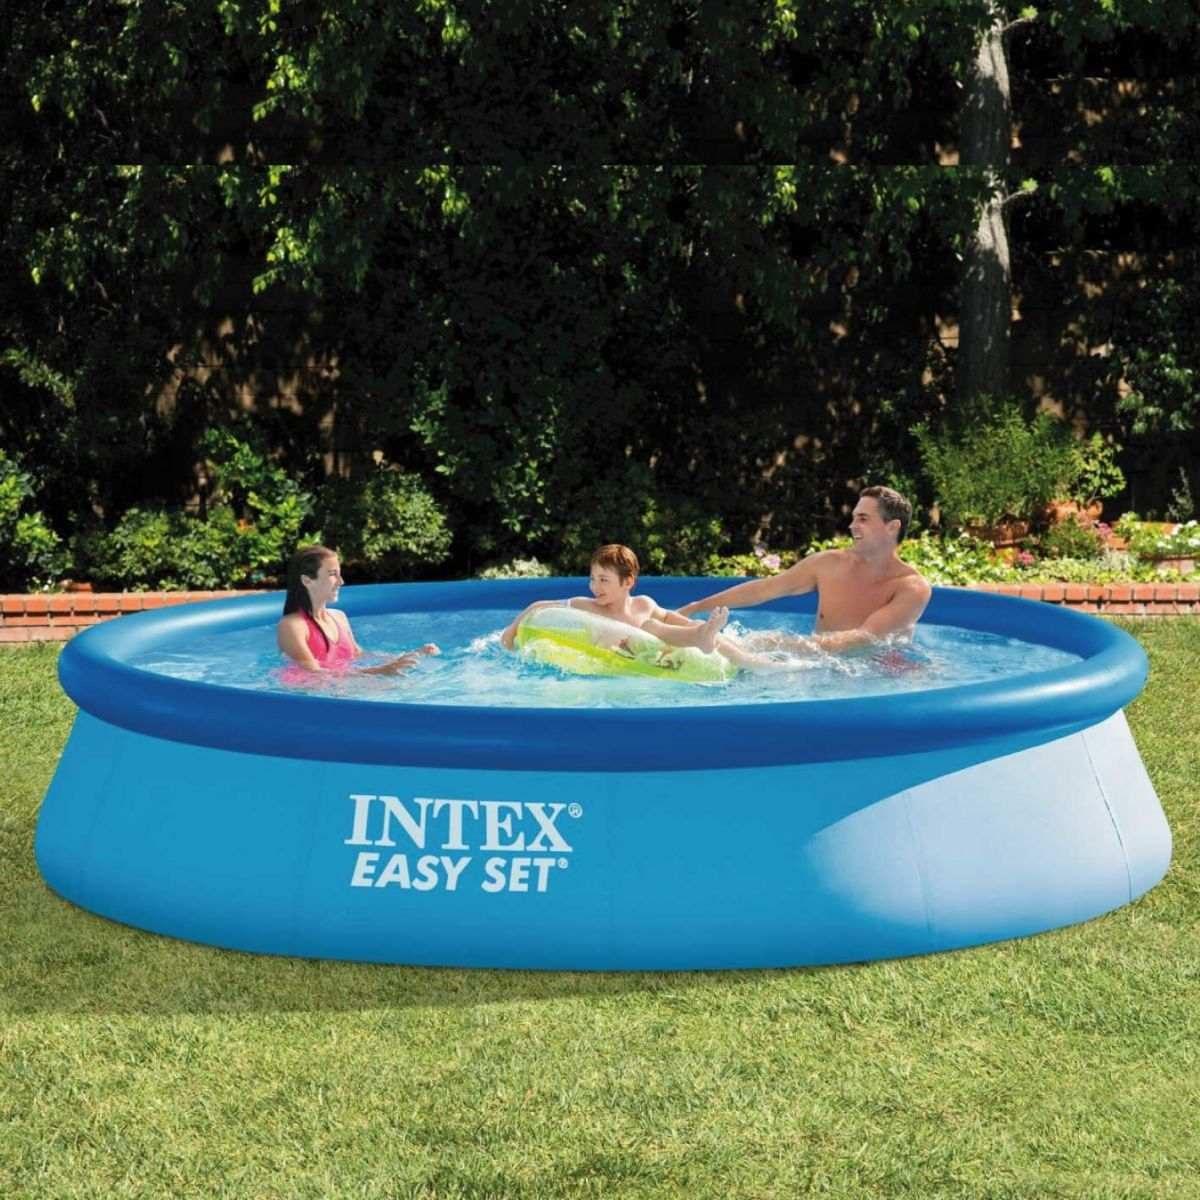 Piscina infl vel intex litros filtro capa bomba for Filtro para piscina intex